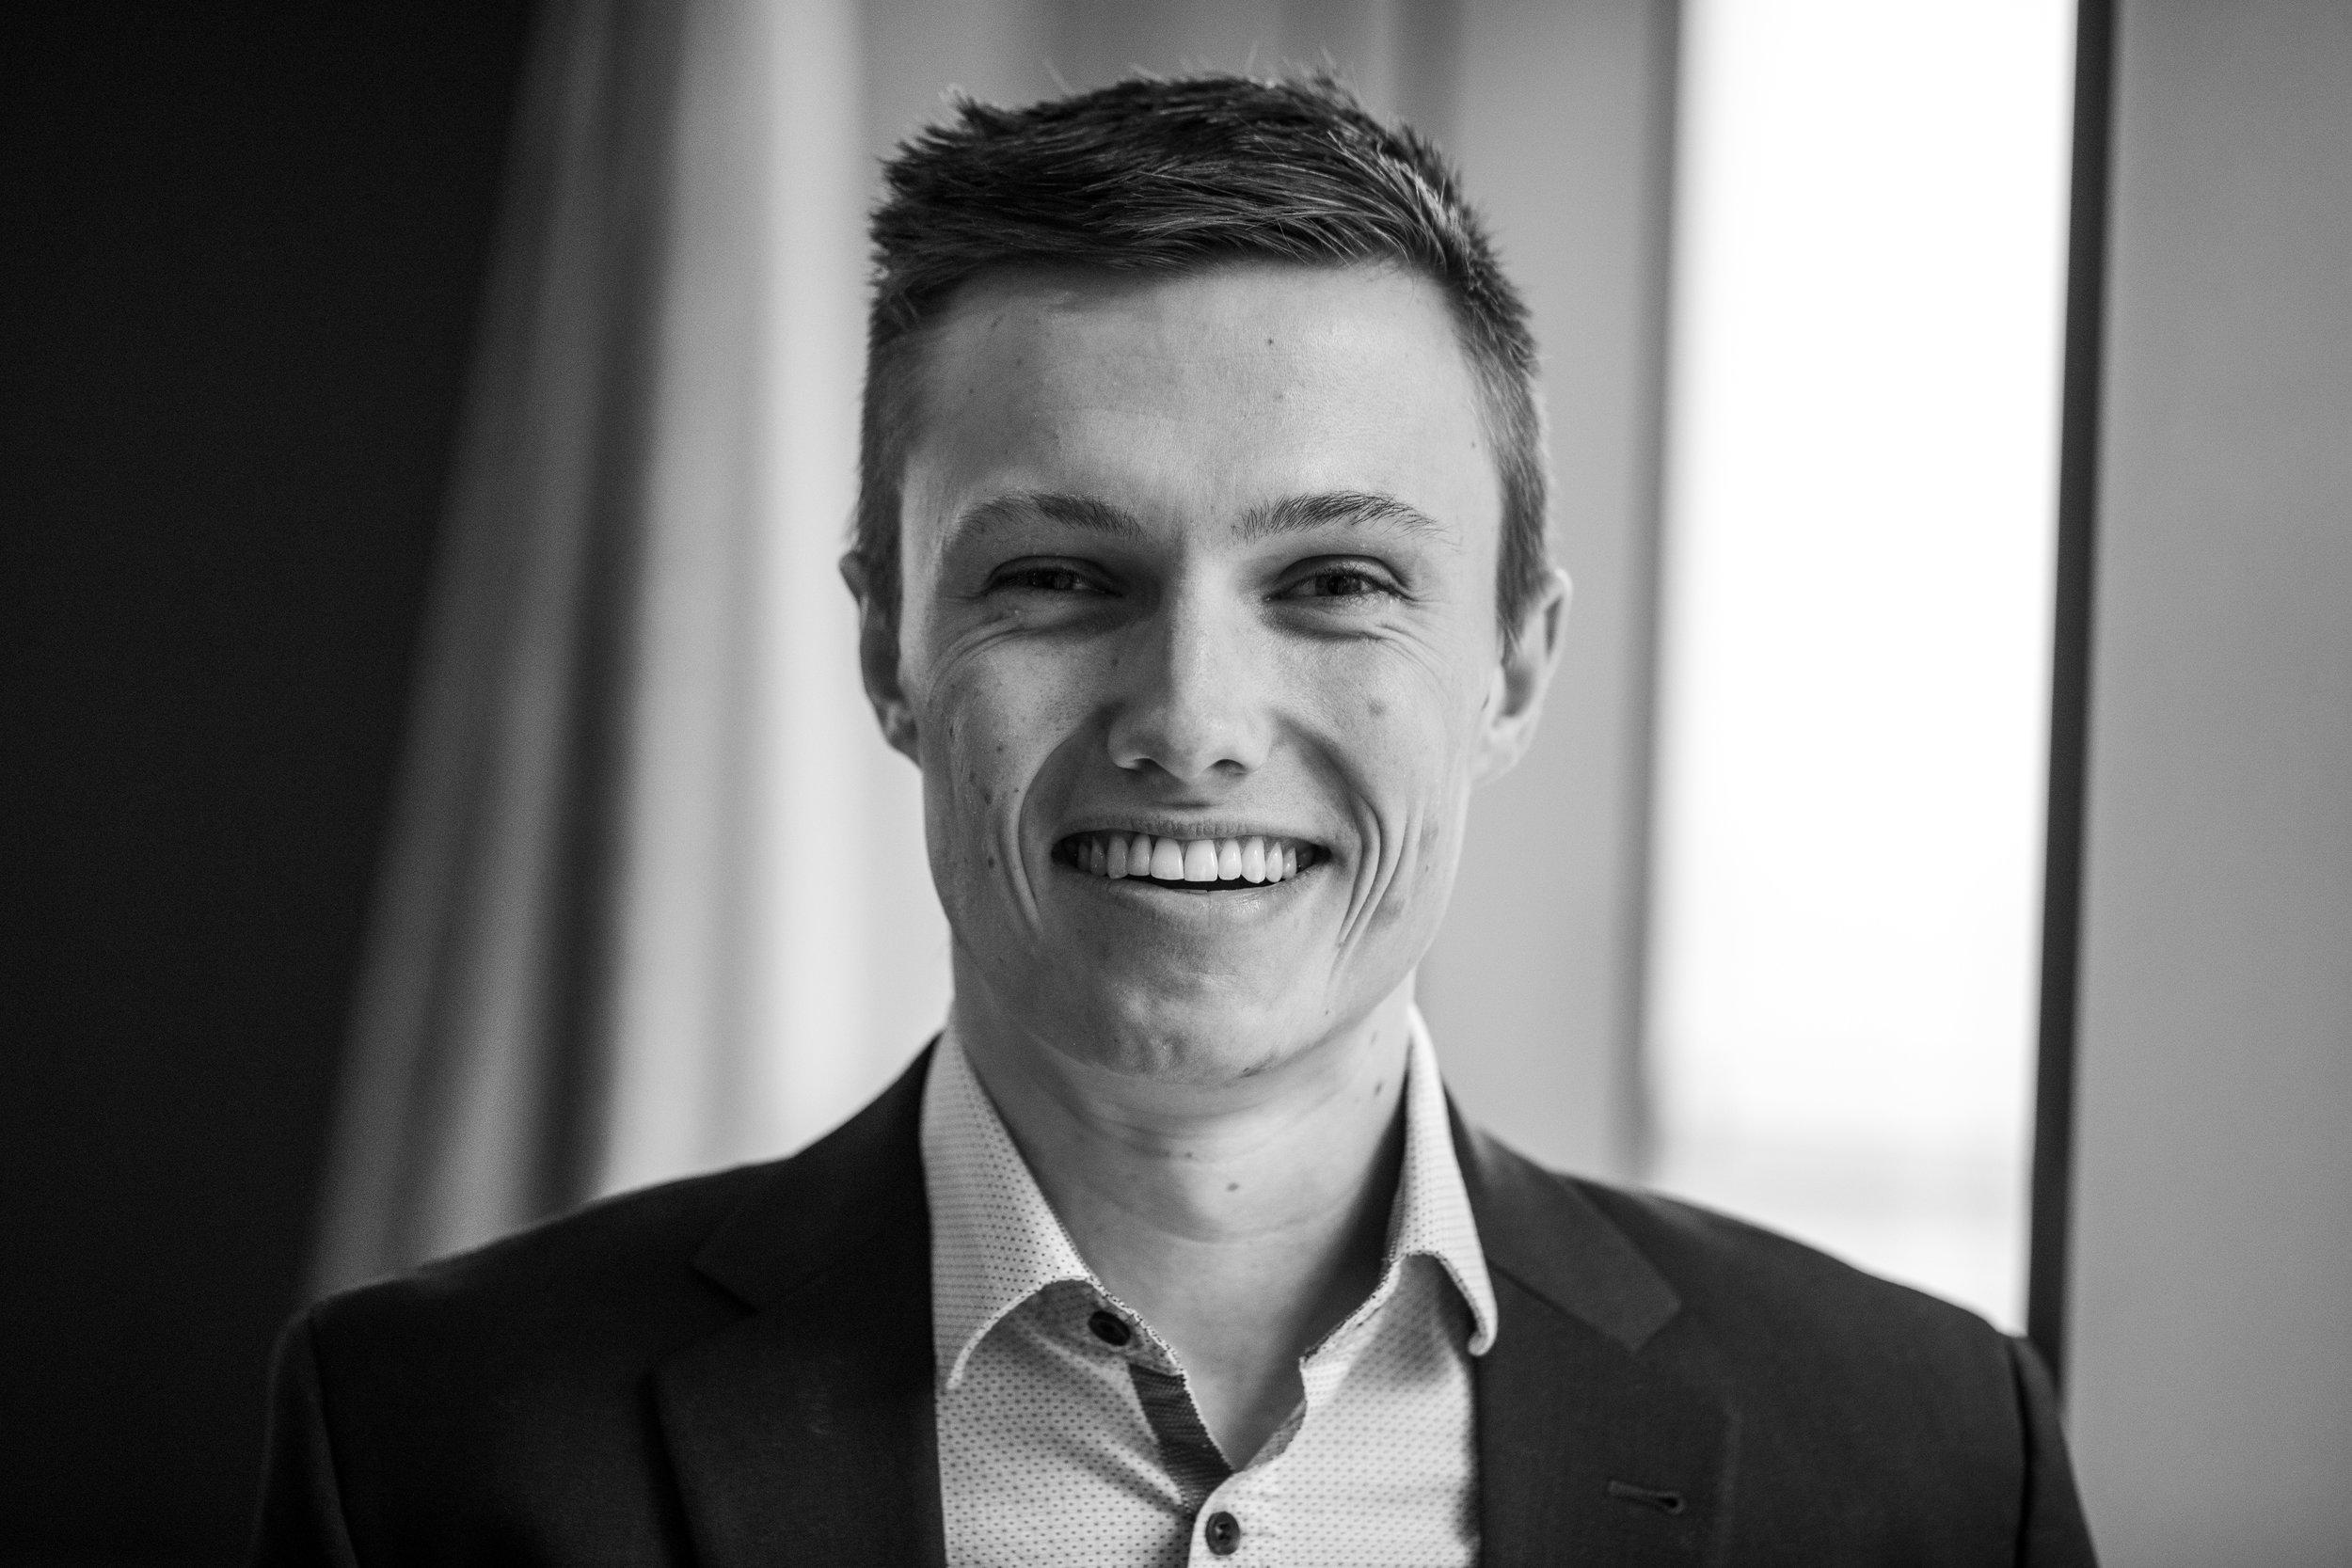 Jake Thayer - Marketing Manager